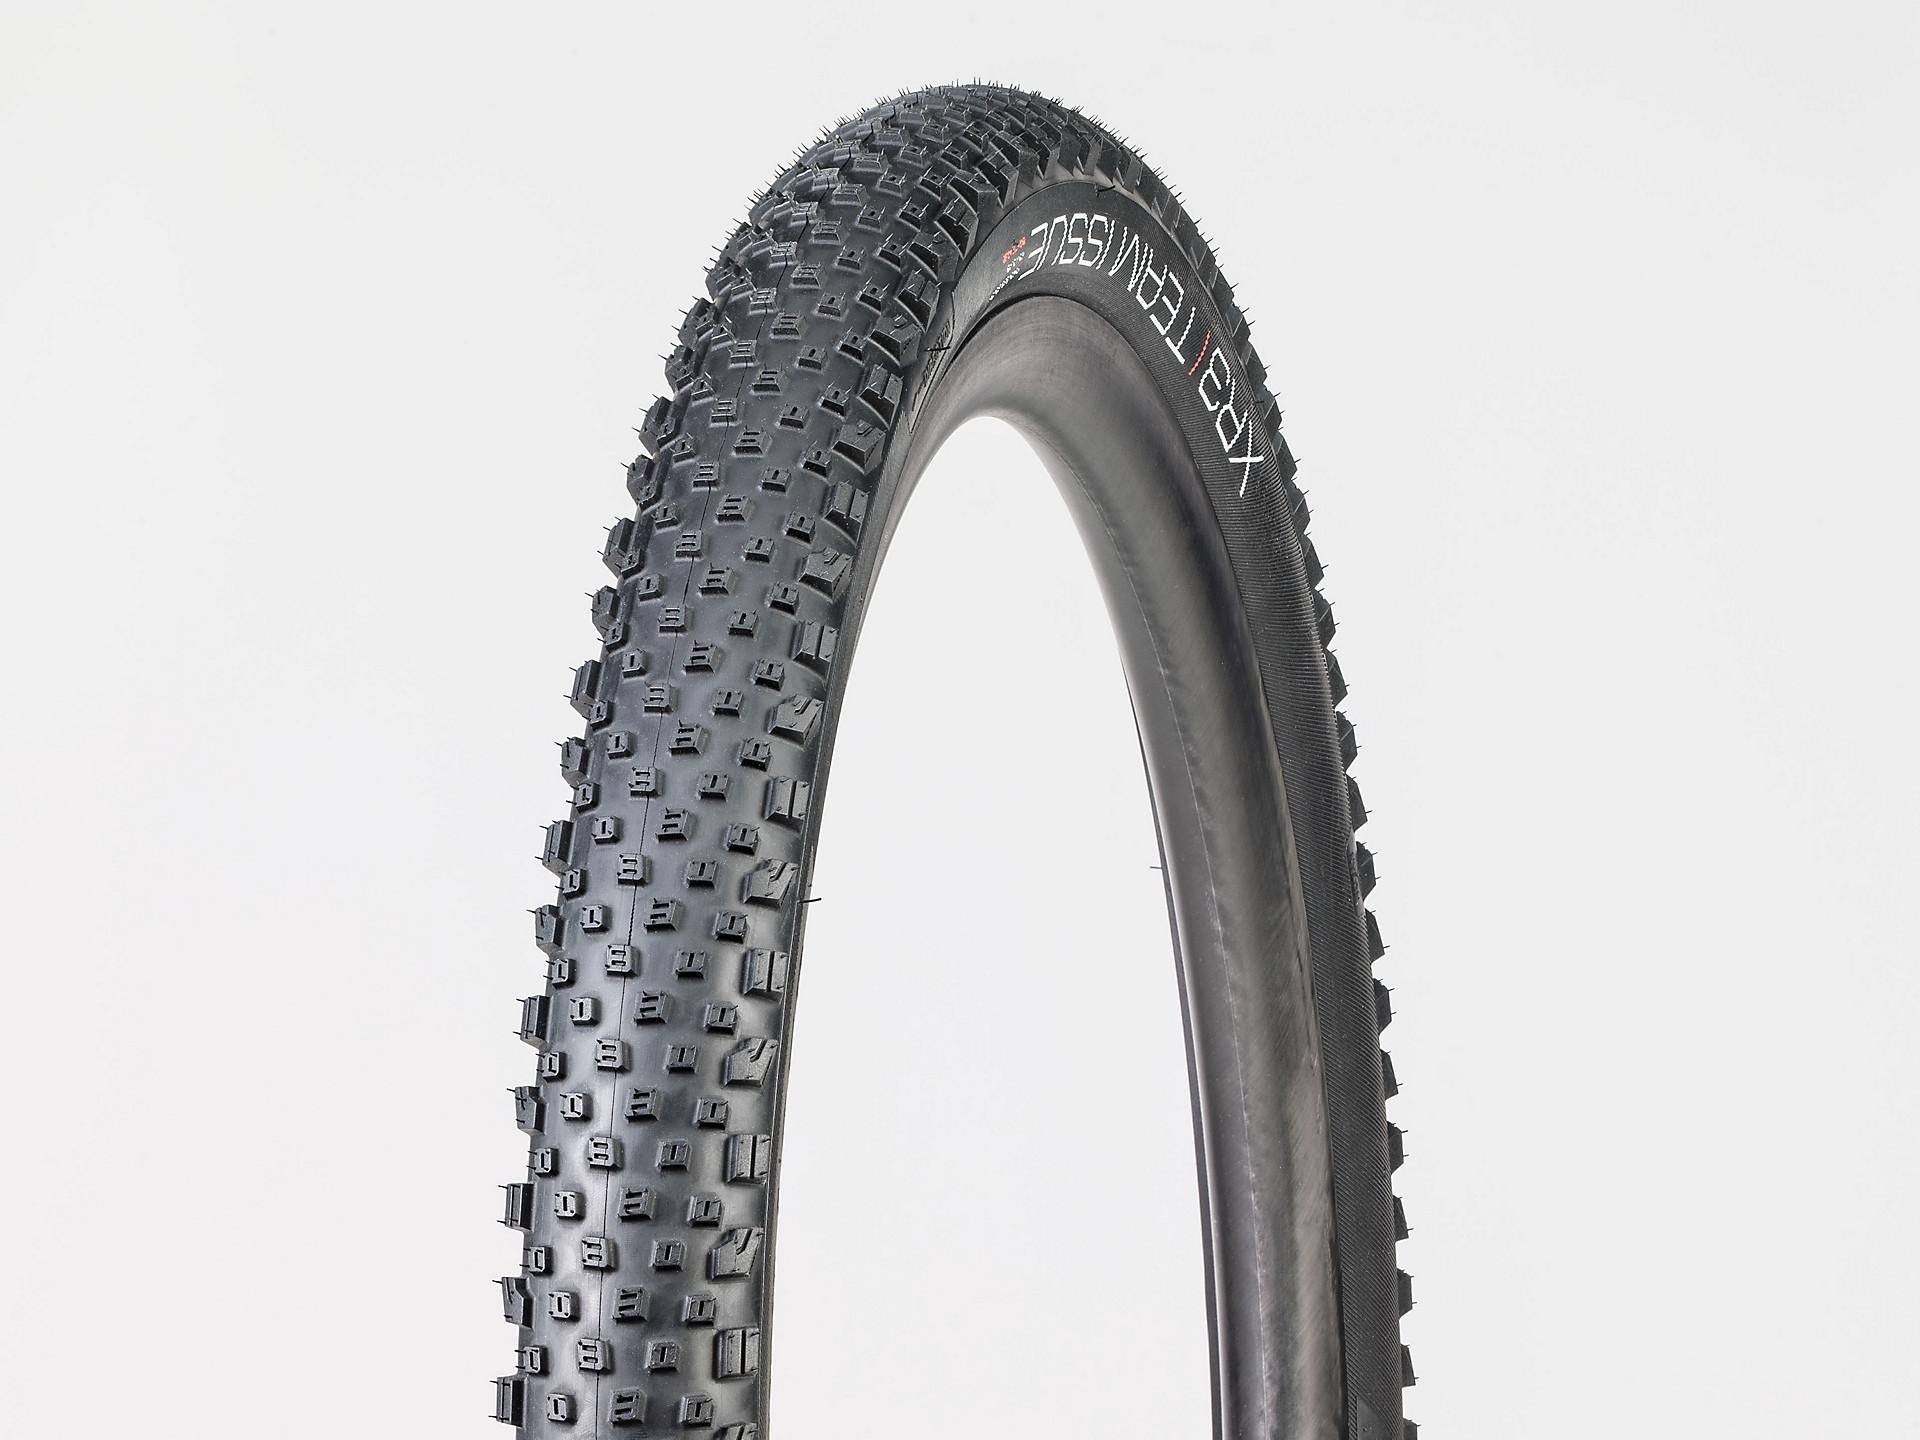 Bontrager XR3 Team Issue TLR MTB Tire black